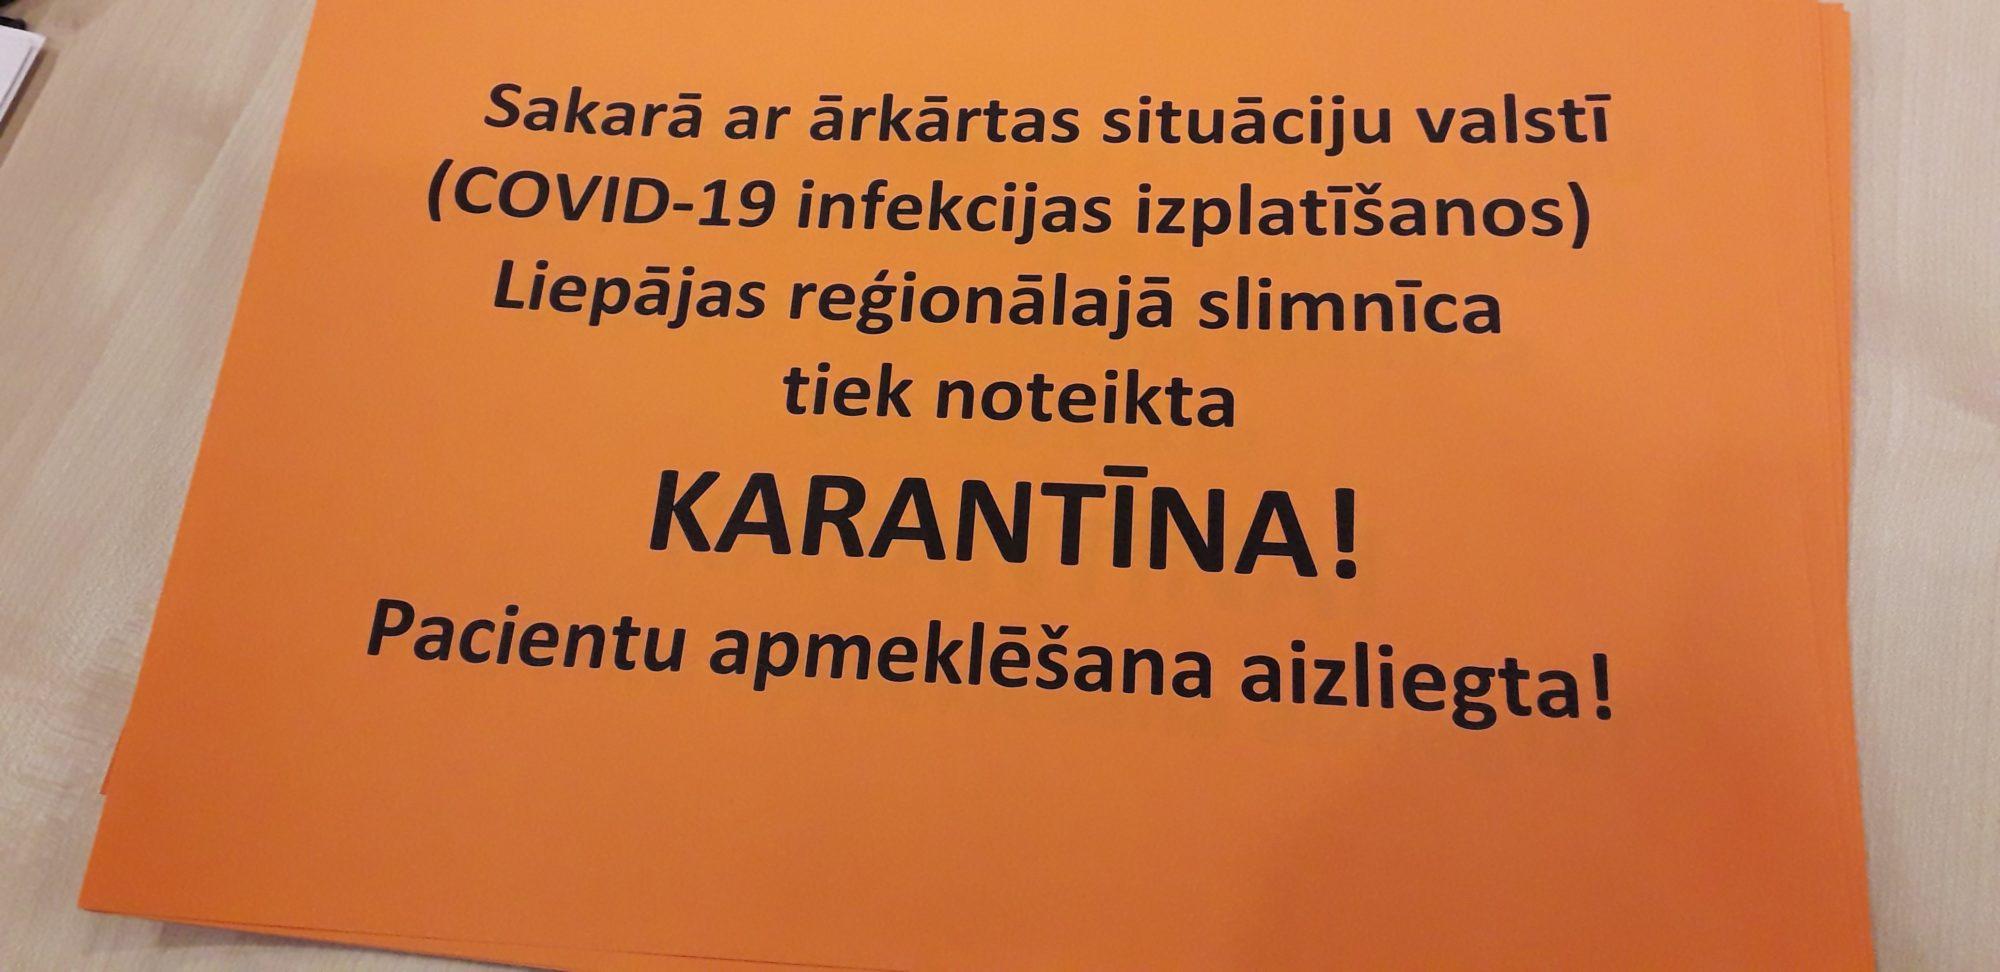 Полиция в Латвии констатировала уже 14 случаев нарушения несоблюдения карантина